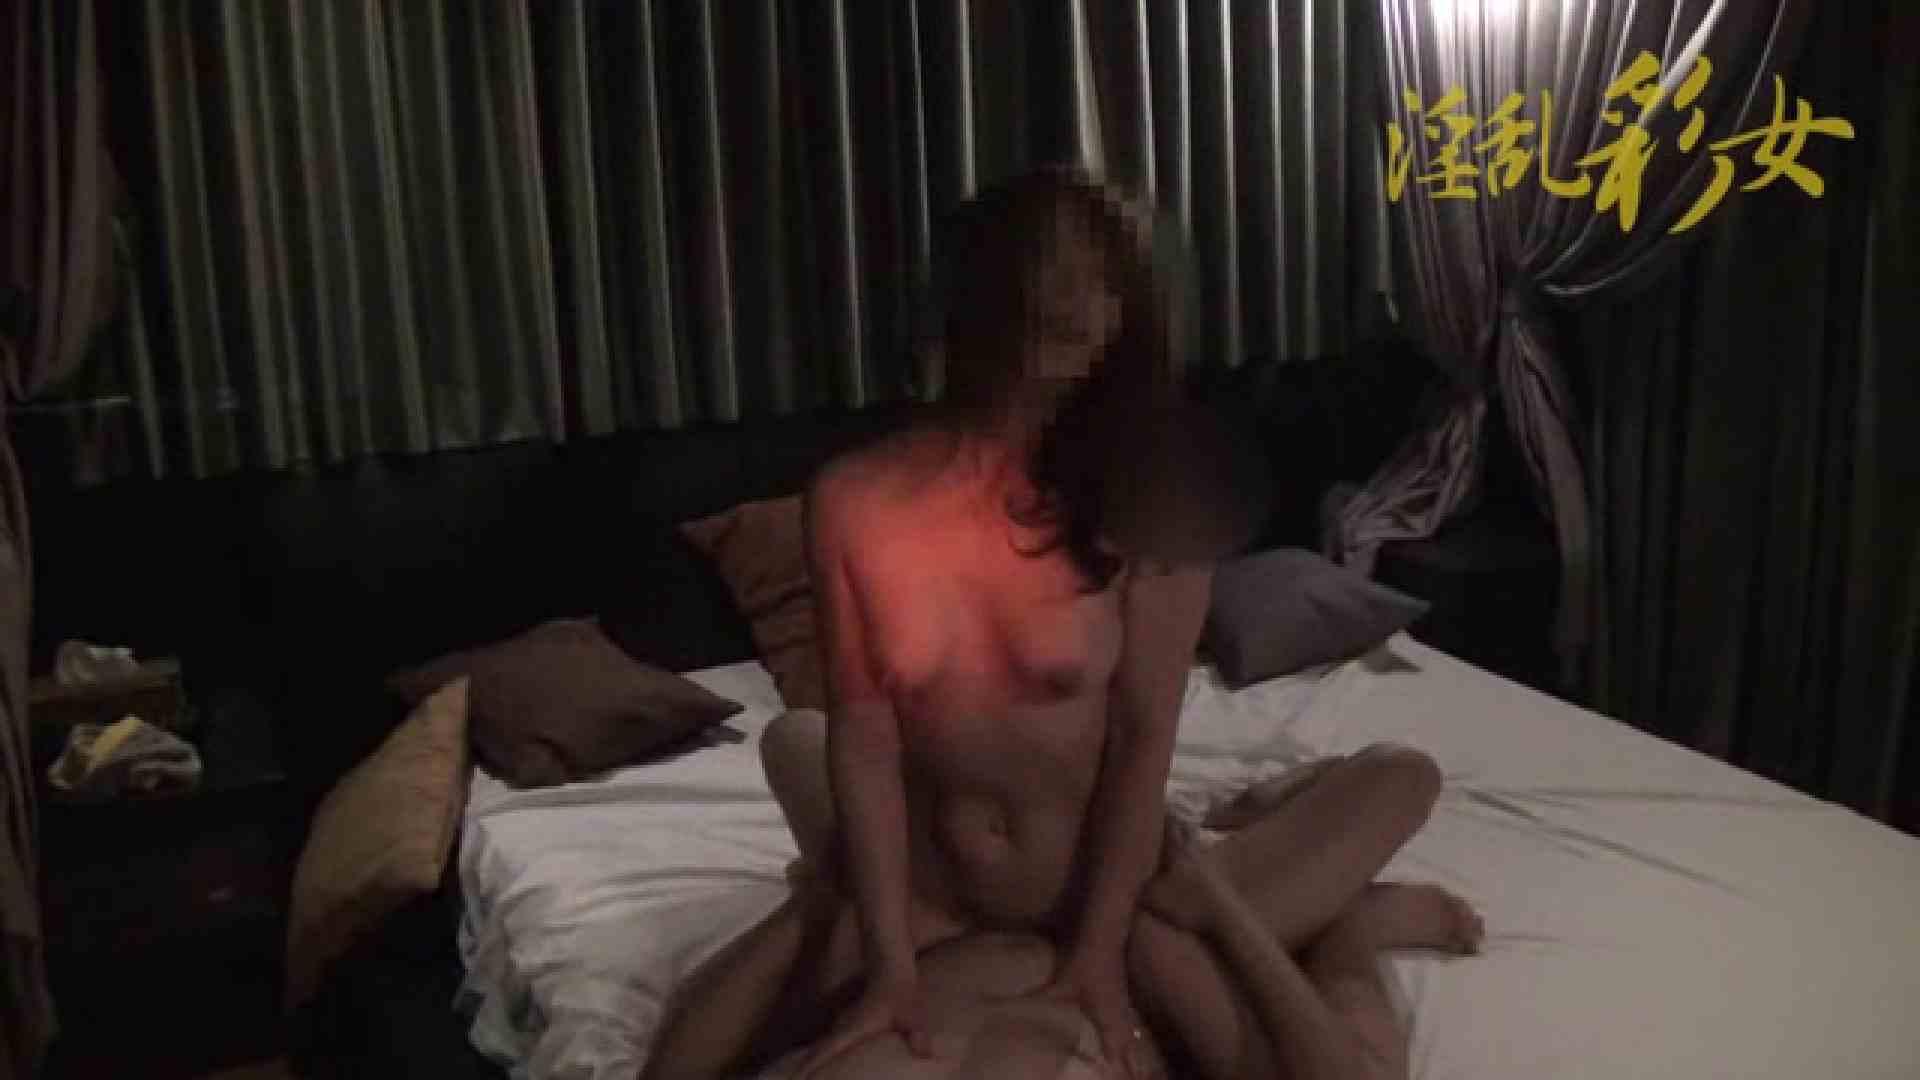 淫乱彩女麻優里 36歳単独さん 一般投稿 盗撮画像 109枚 95